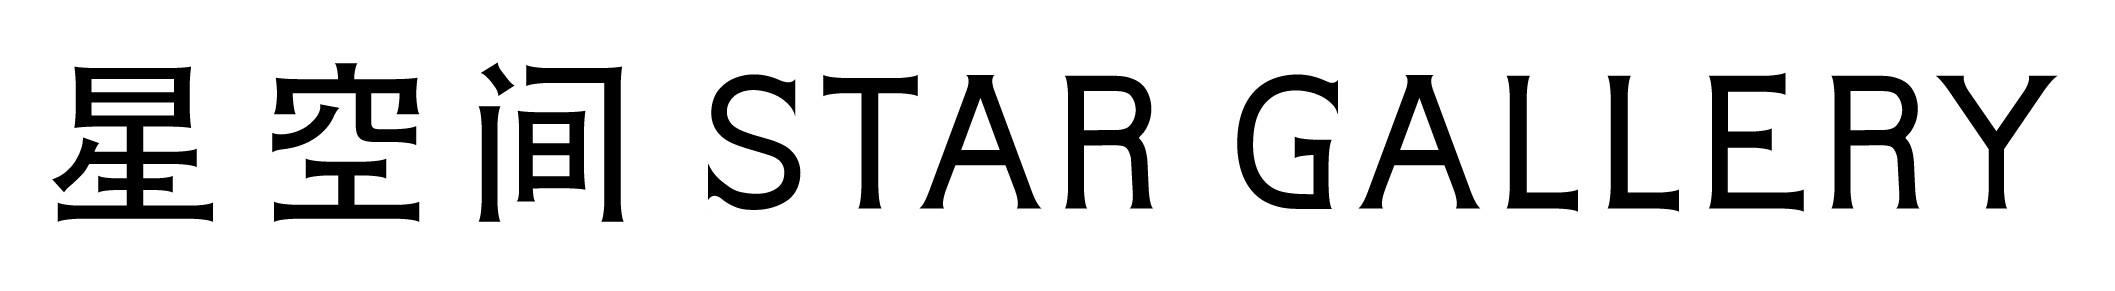 星空间|王一凡个展『王一凡和他的三个模特』将于8月15日开幕 星空间 王一凡 个展 模特 艺术家 之间 油画 重心 肖像 绘画 崇真艺客